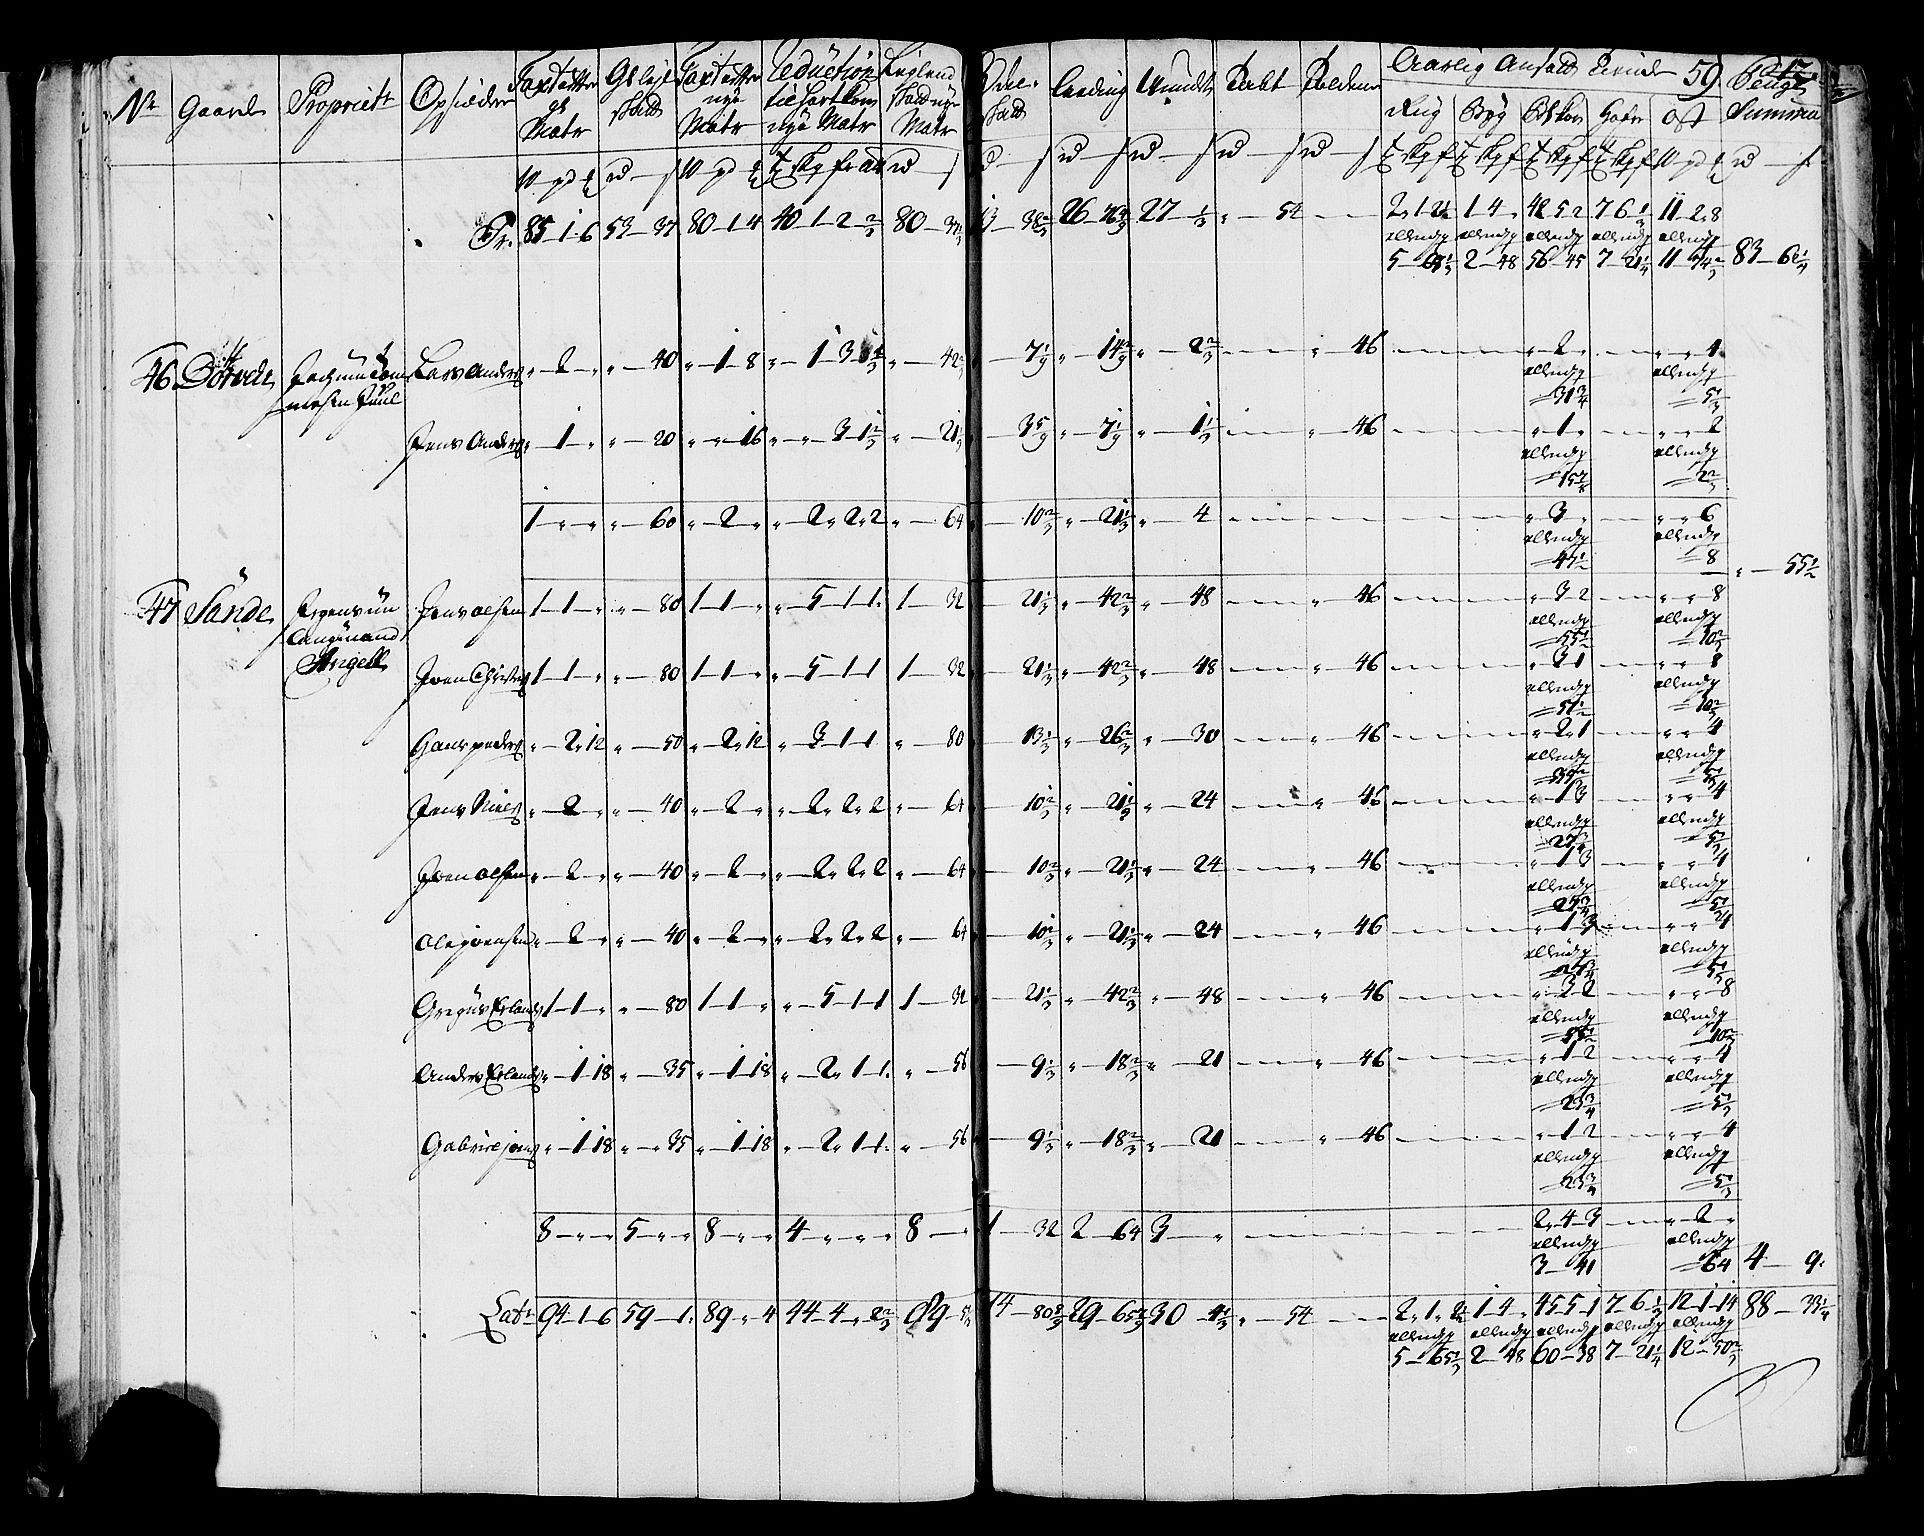 RA, Rentekammeret inntil 1814, Realistisk ordnet avdeling, N/Nb/Nbf/L0171: Helgeland matrikkelprotokoll, 1723, s. 61